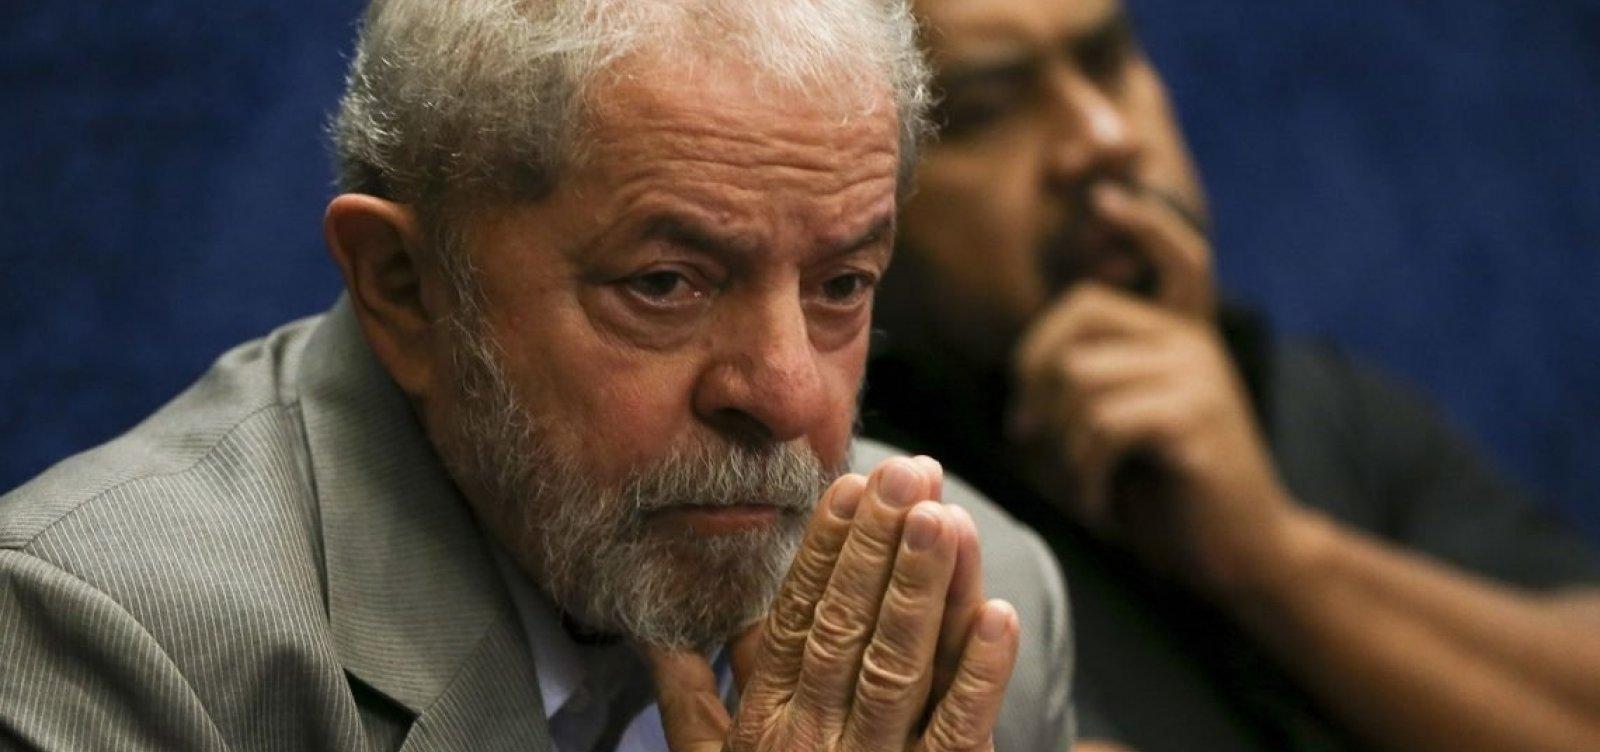 [Maioria acredita que soltura de Lula foi justa, diz Datafolha]